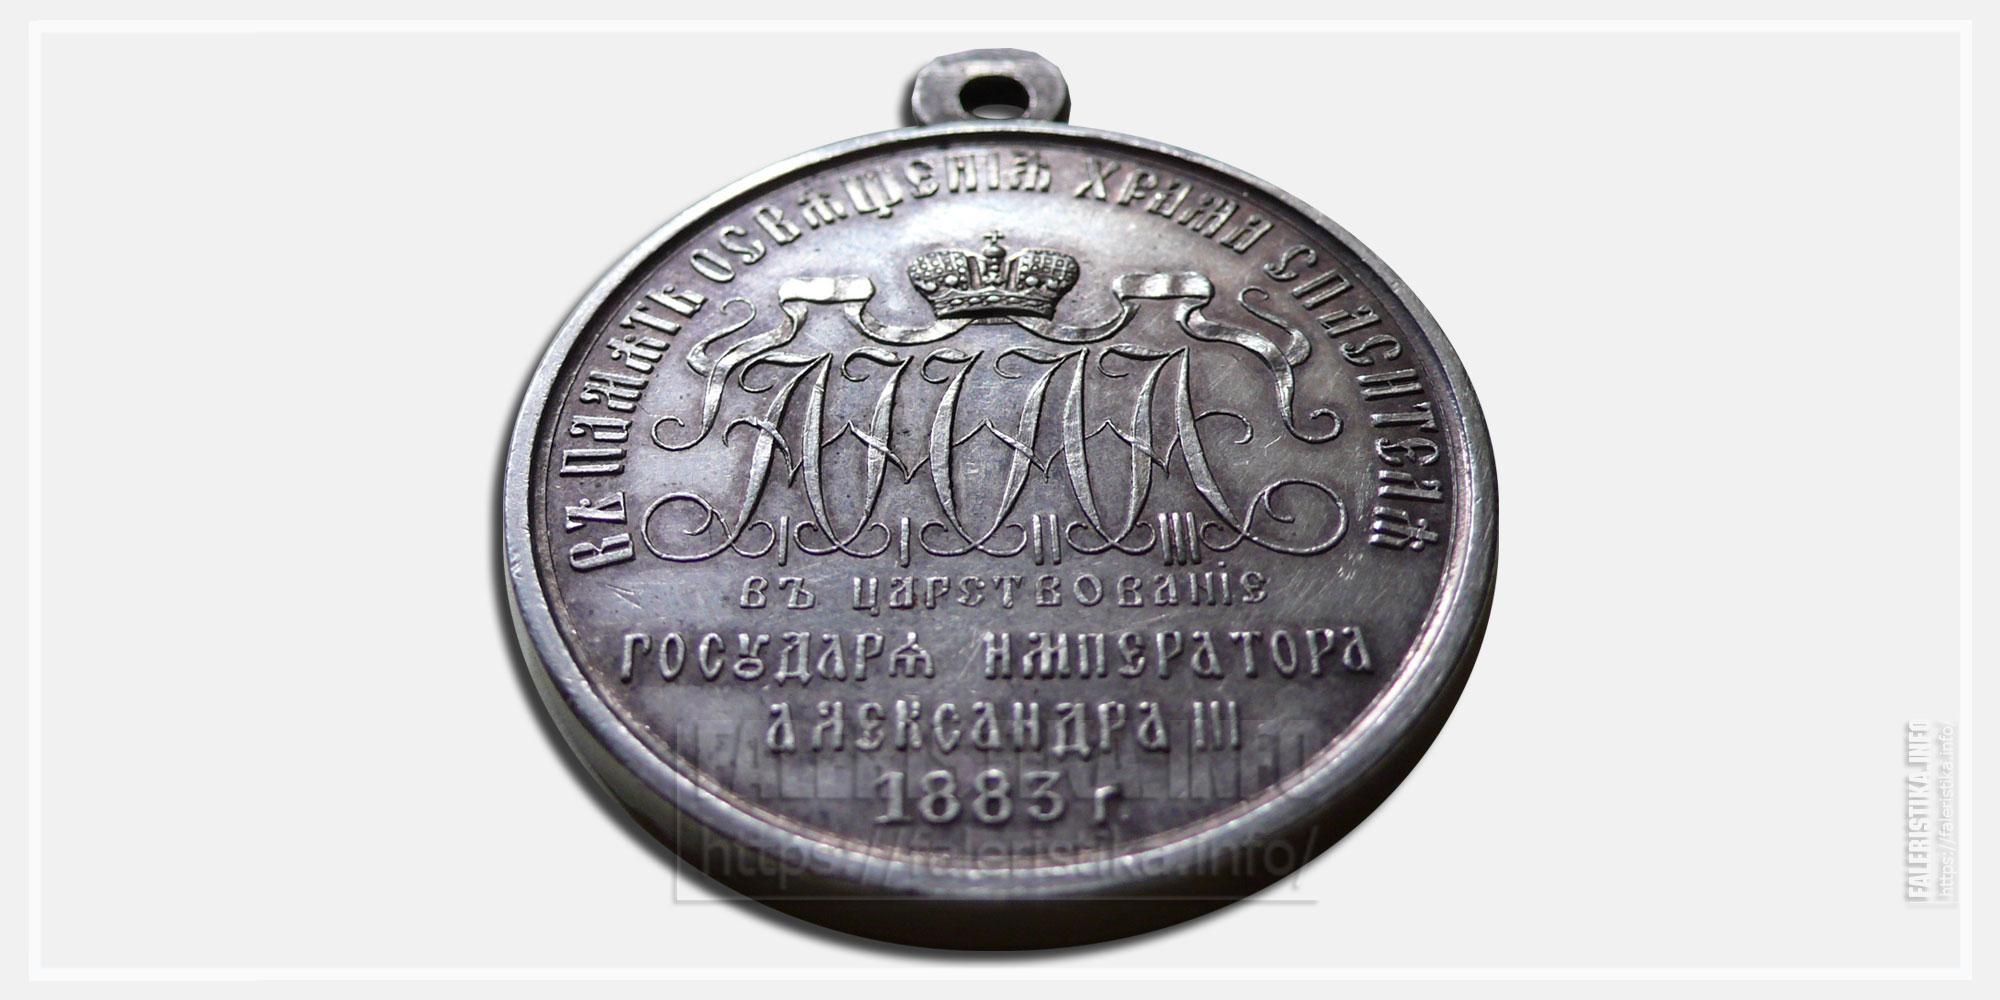 В память освещения Храма Христа Спасителя в царствование Государя Императора Александра III 1883 год